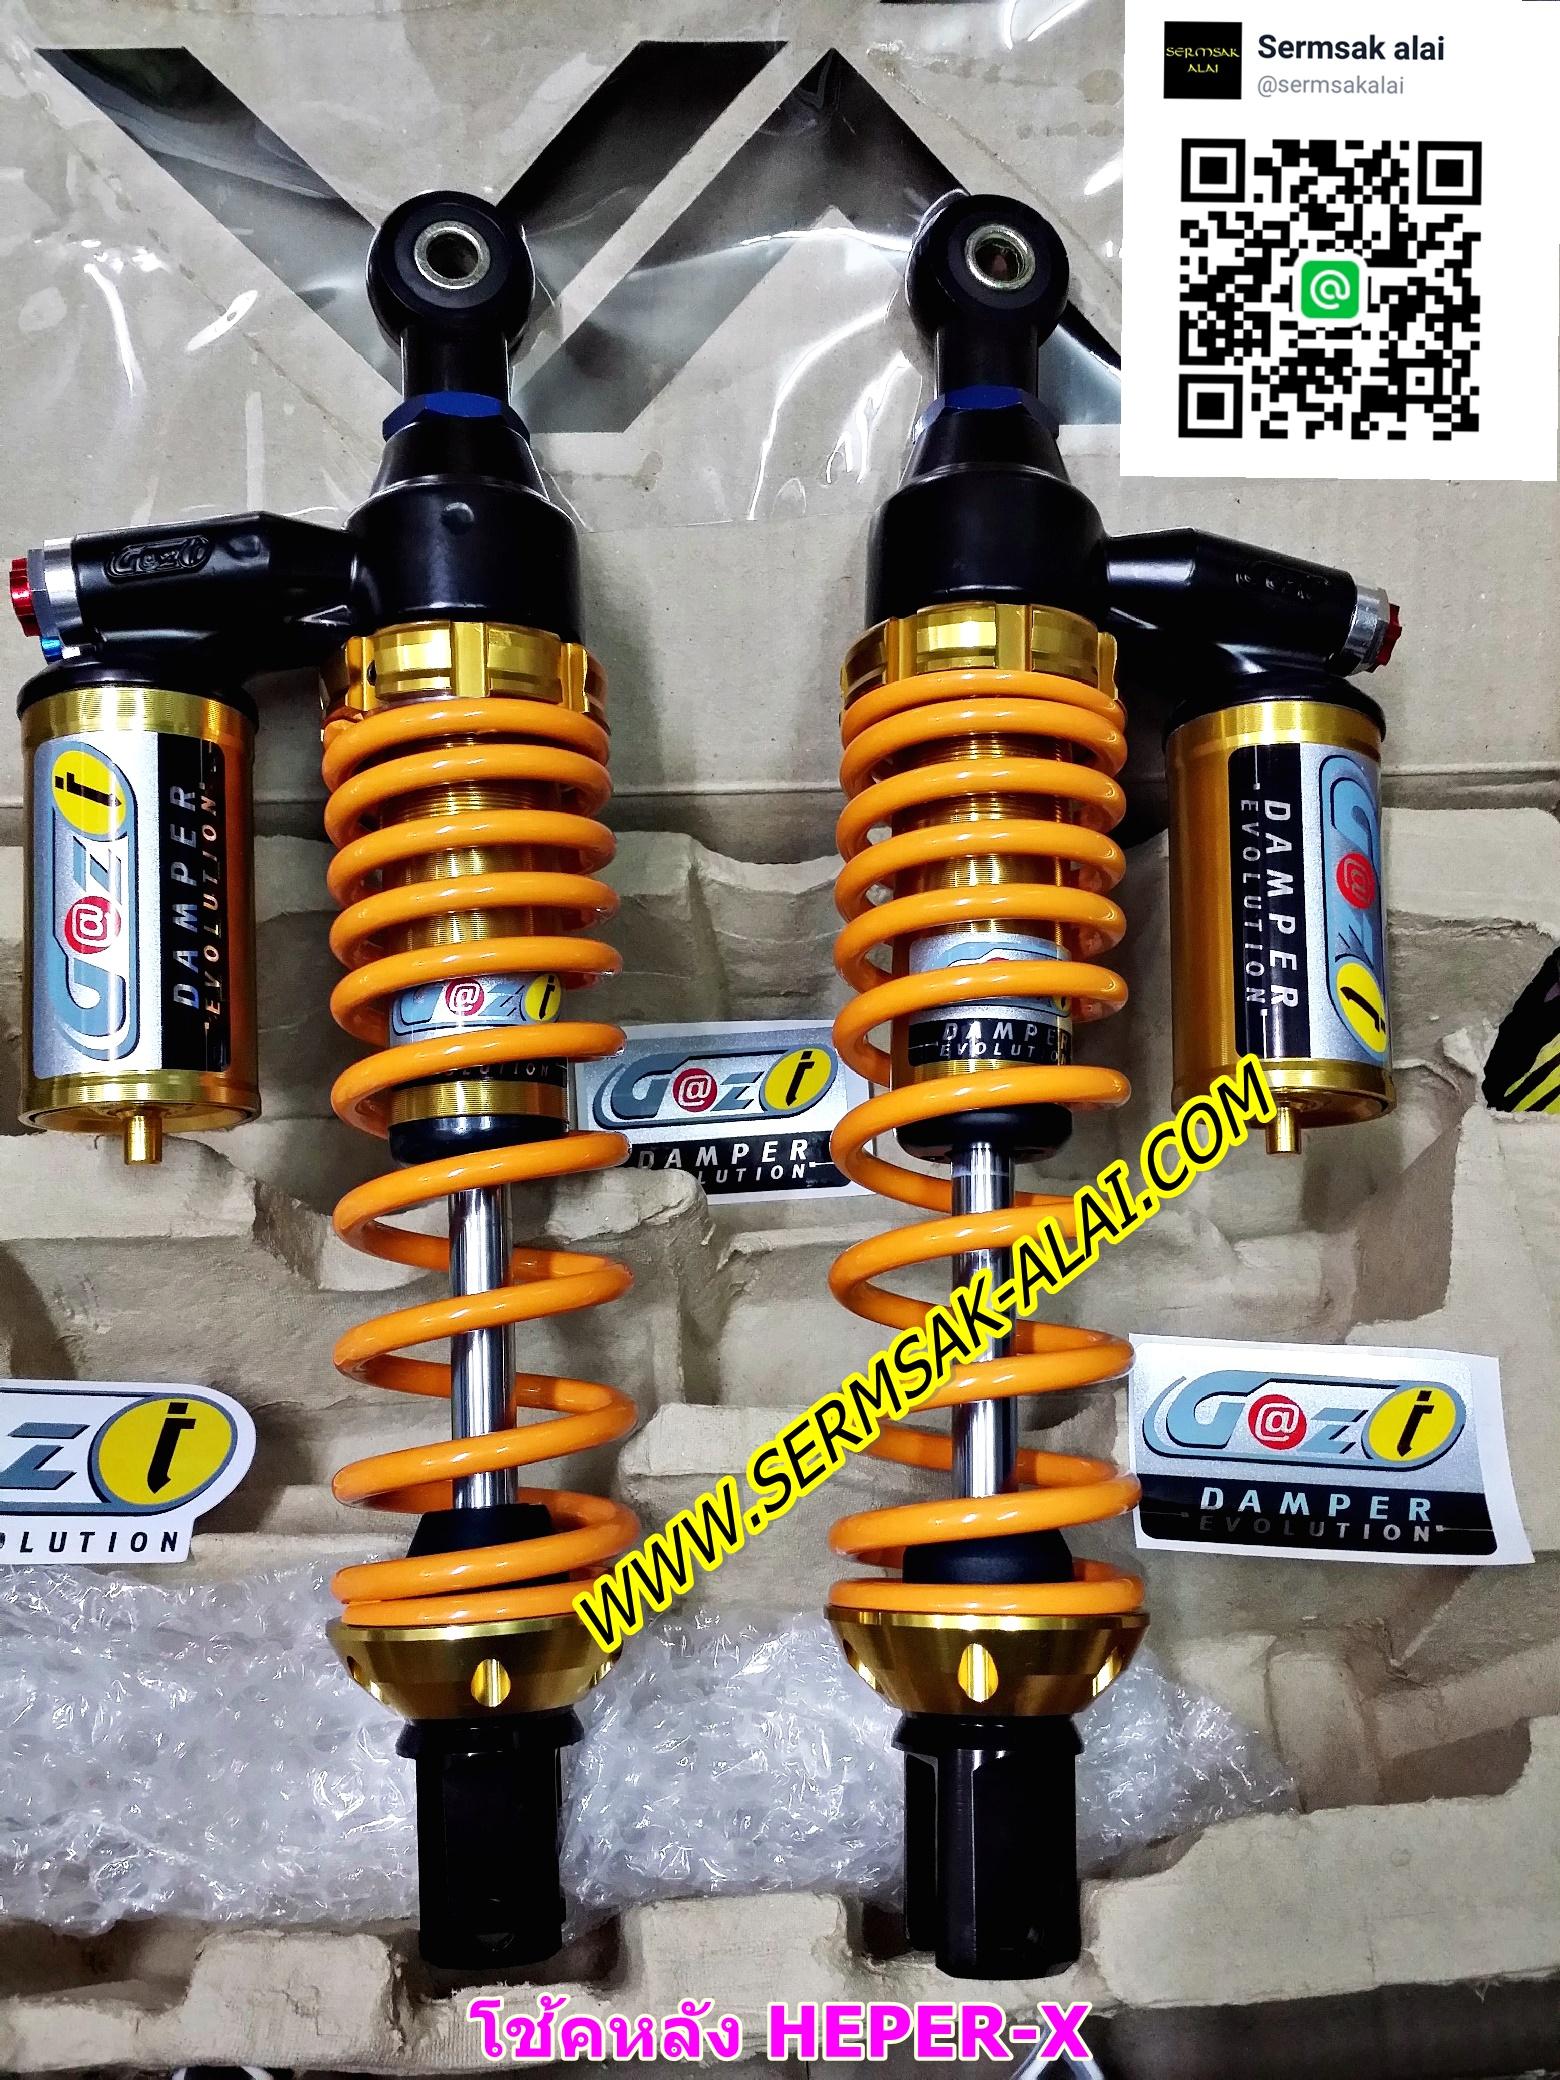 โช้คหลัง GAZI รุ่น HYPER X HONDA PCX PCX125 PCX150 ALL NEW 2014 N-MAX AIRBLADE โช้คแต่ง แก๊ส กระปุกบน เนื้องานอลูมิเนียม ความยาว 320mm ปรับความสูงได้ ปรับค่าสปริงได้